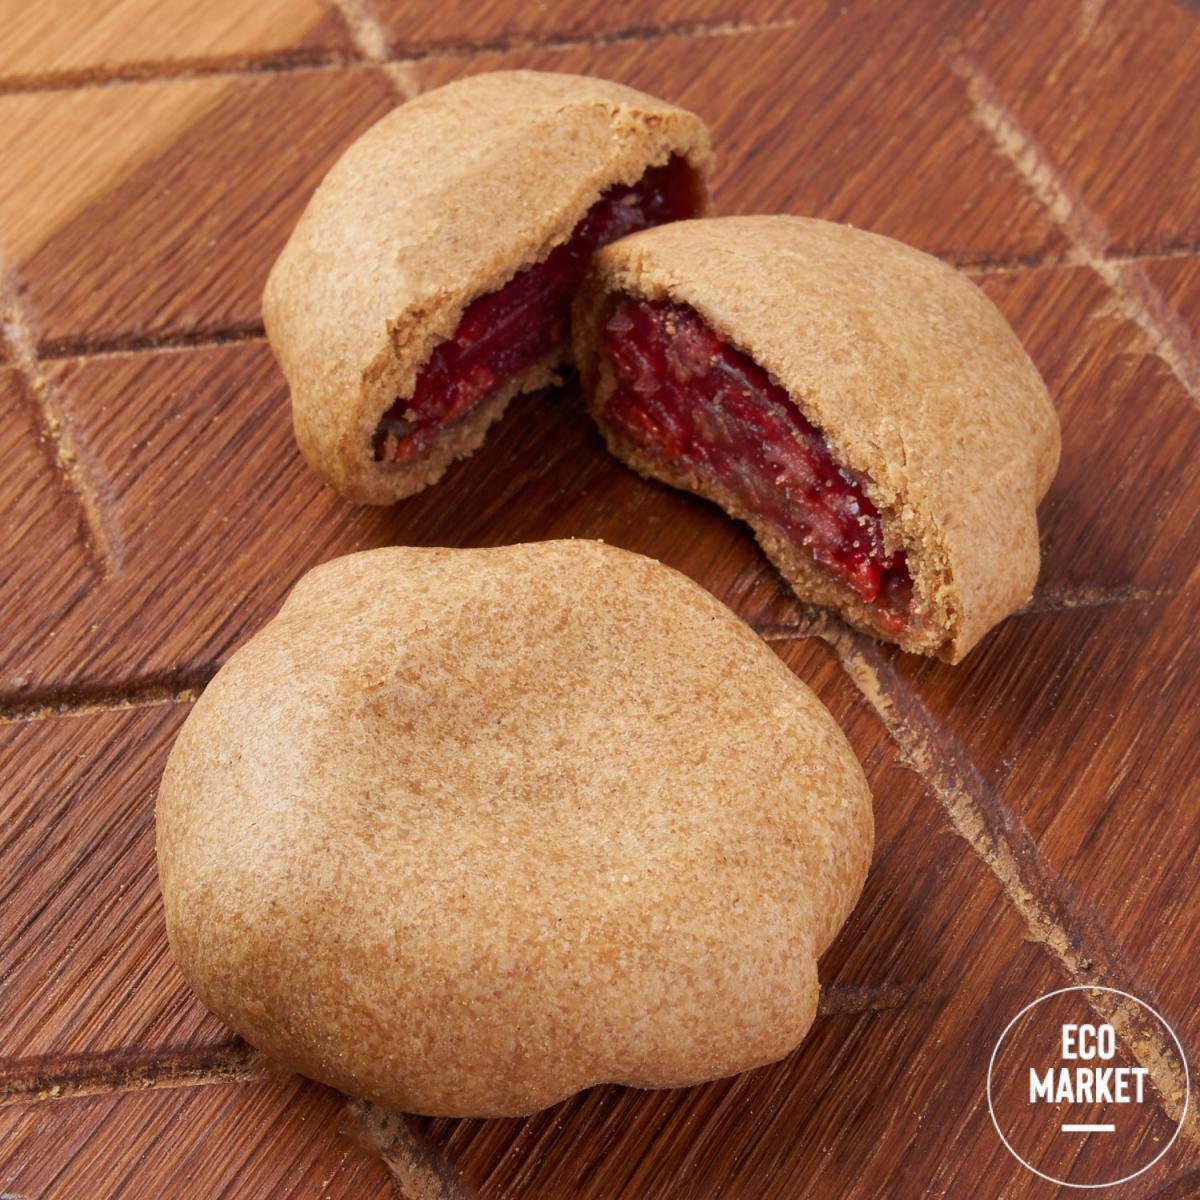 Пирожок ржаной с вишней 2 шт Ecomarket.ru - 140 г